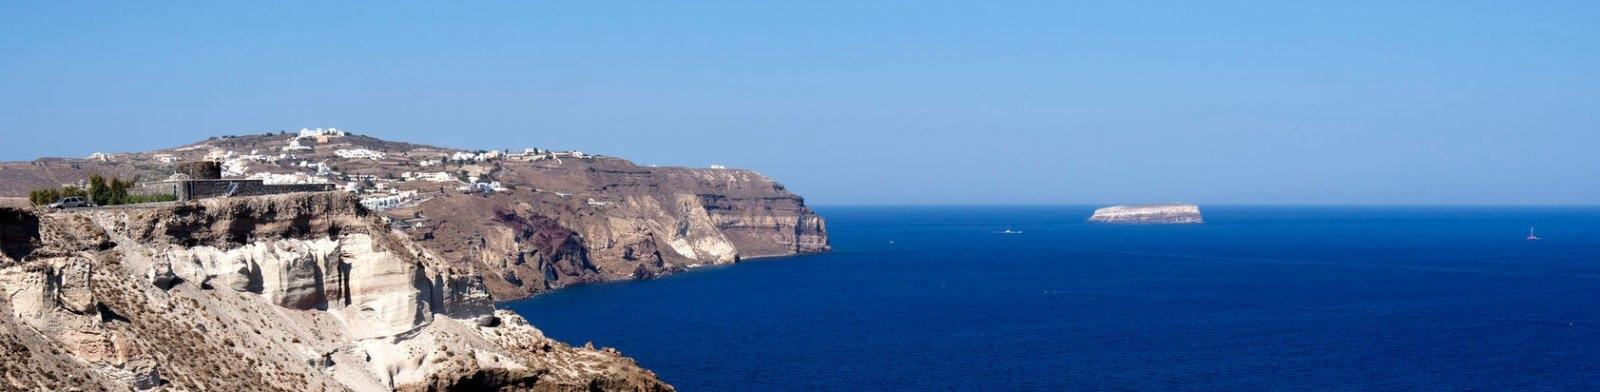 Megalochori, Santorini